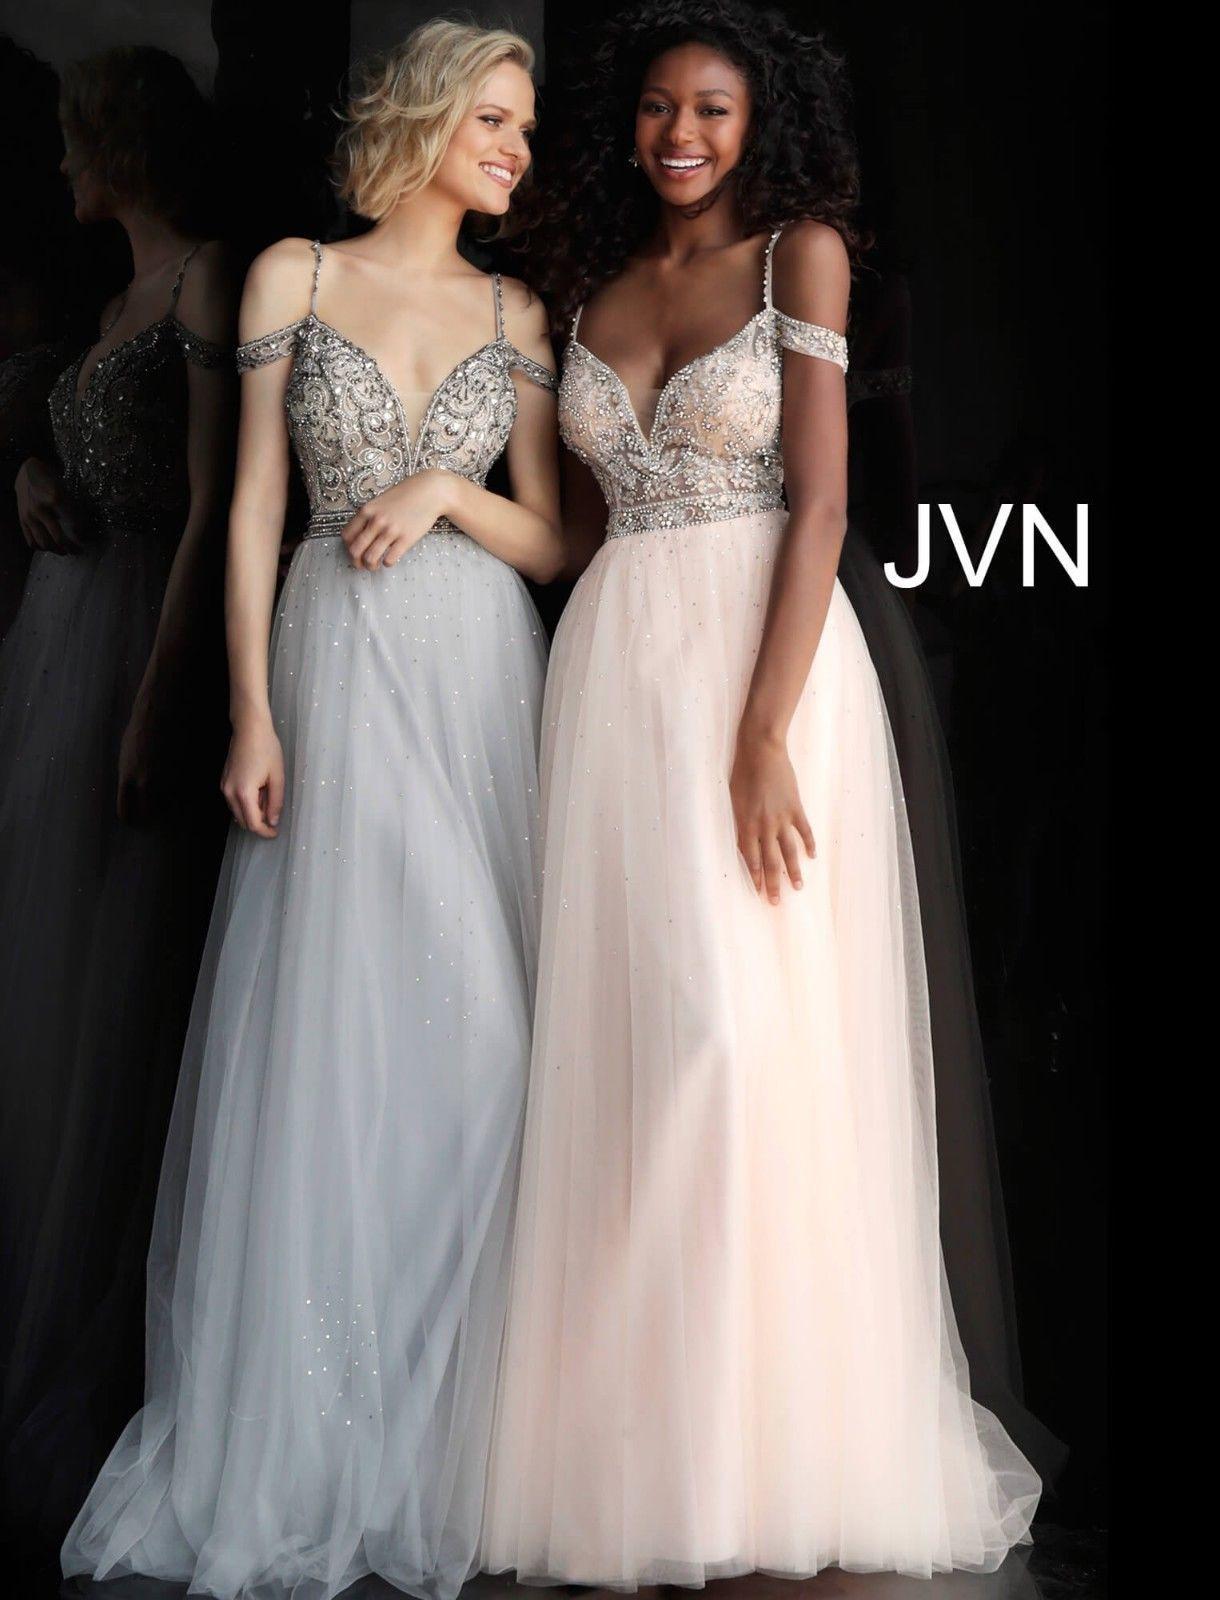 20 Wunderbar Abendkleider Jovani Stylish15 Coolste Abendkleider Jovani Boutique